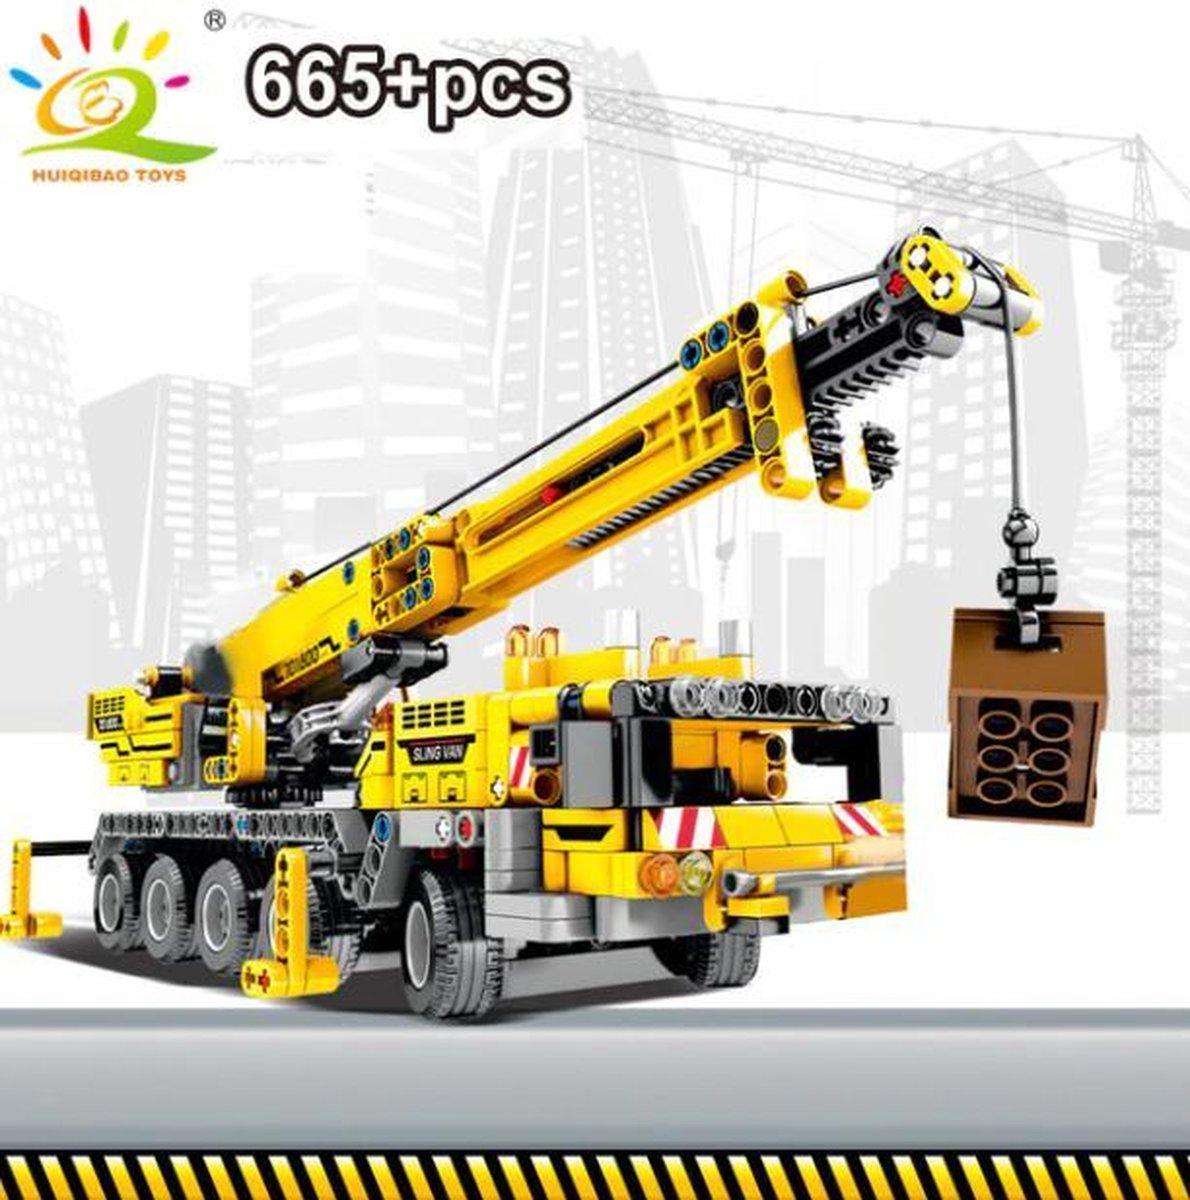 Technisch Lego - Technic - geschikt voor LEGO - Bouwplaats - Kraan